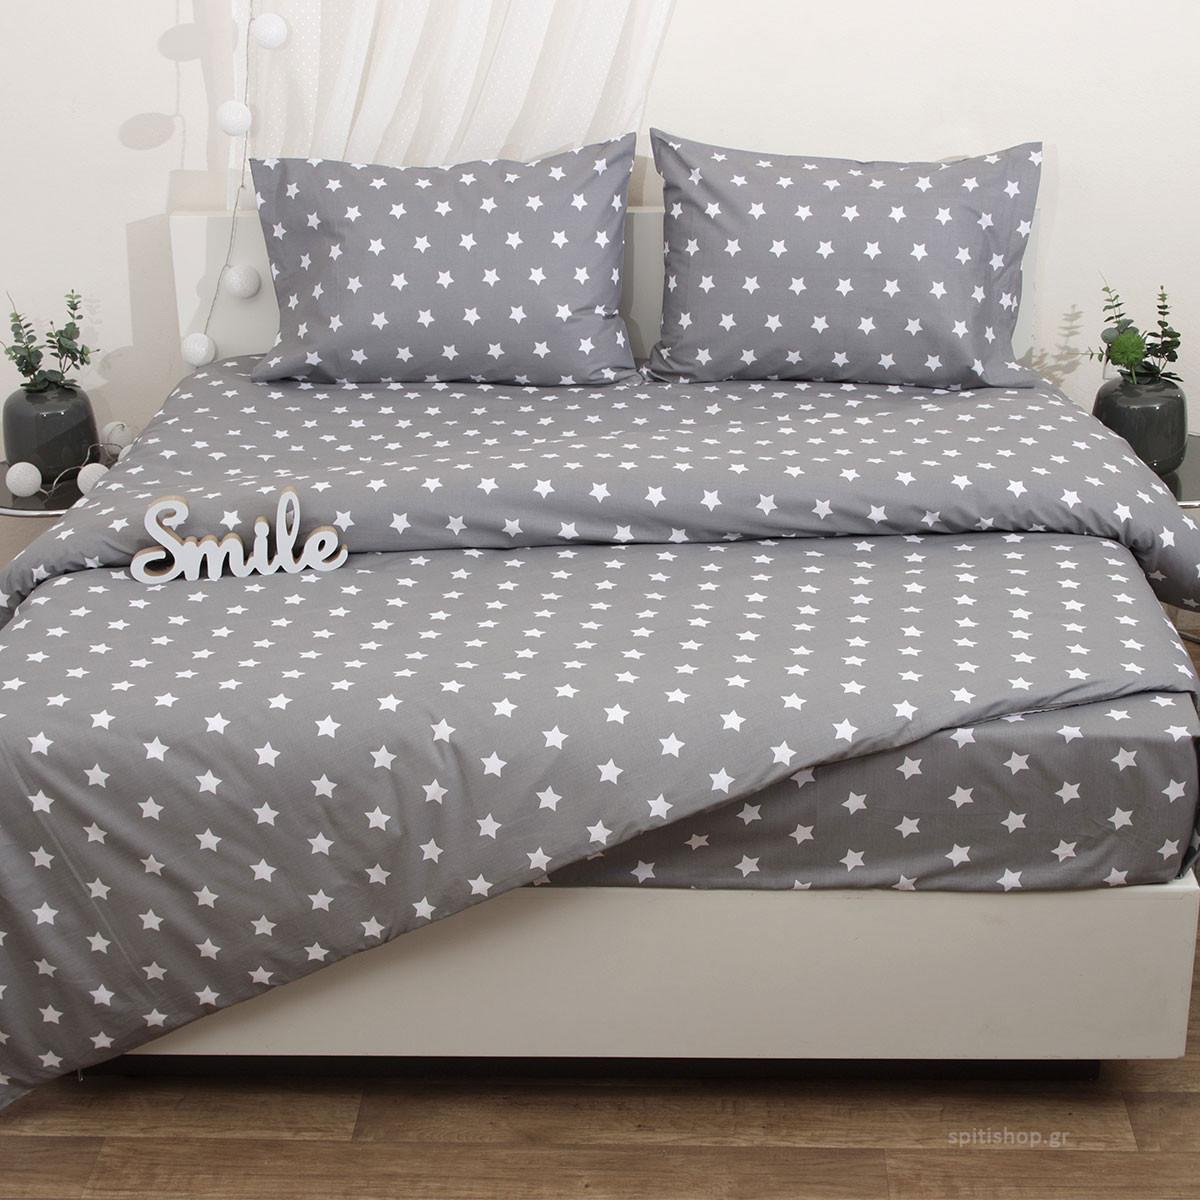 Κουβερλί Ημίδιπλο (Σετ) Viopros Fresh Τζάσπερ home   κρεβατοκάμαρα   κουβερλί   κουβερλί ημίδιπλα   διπλά